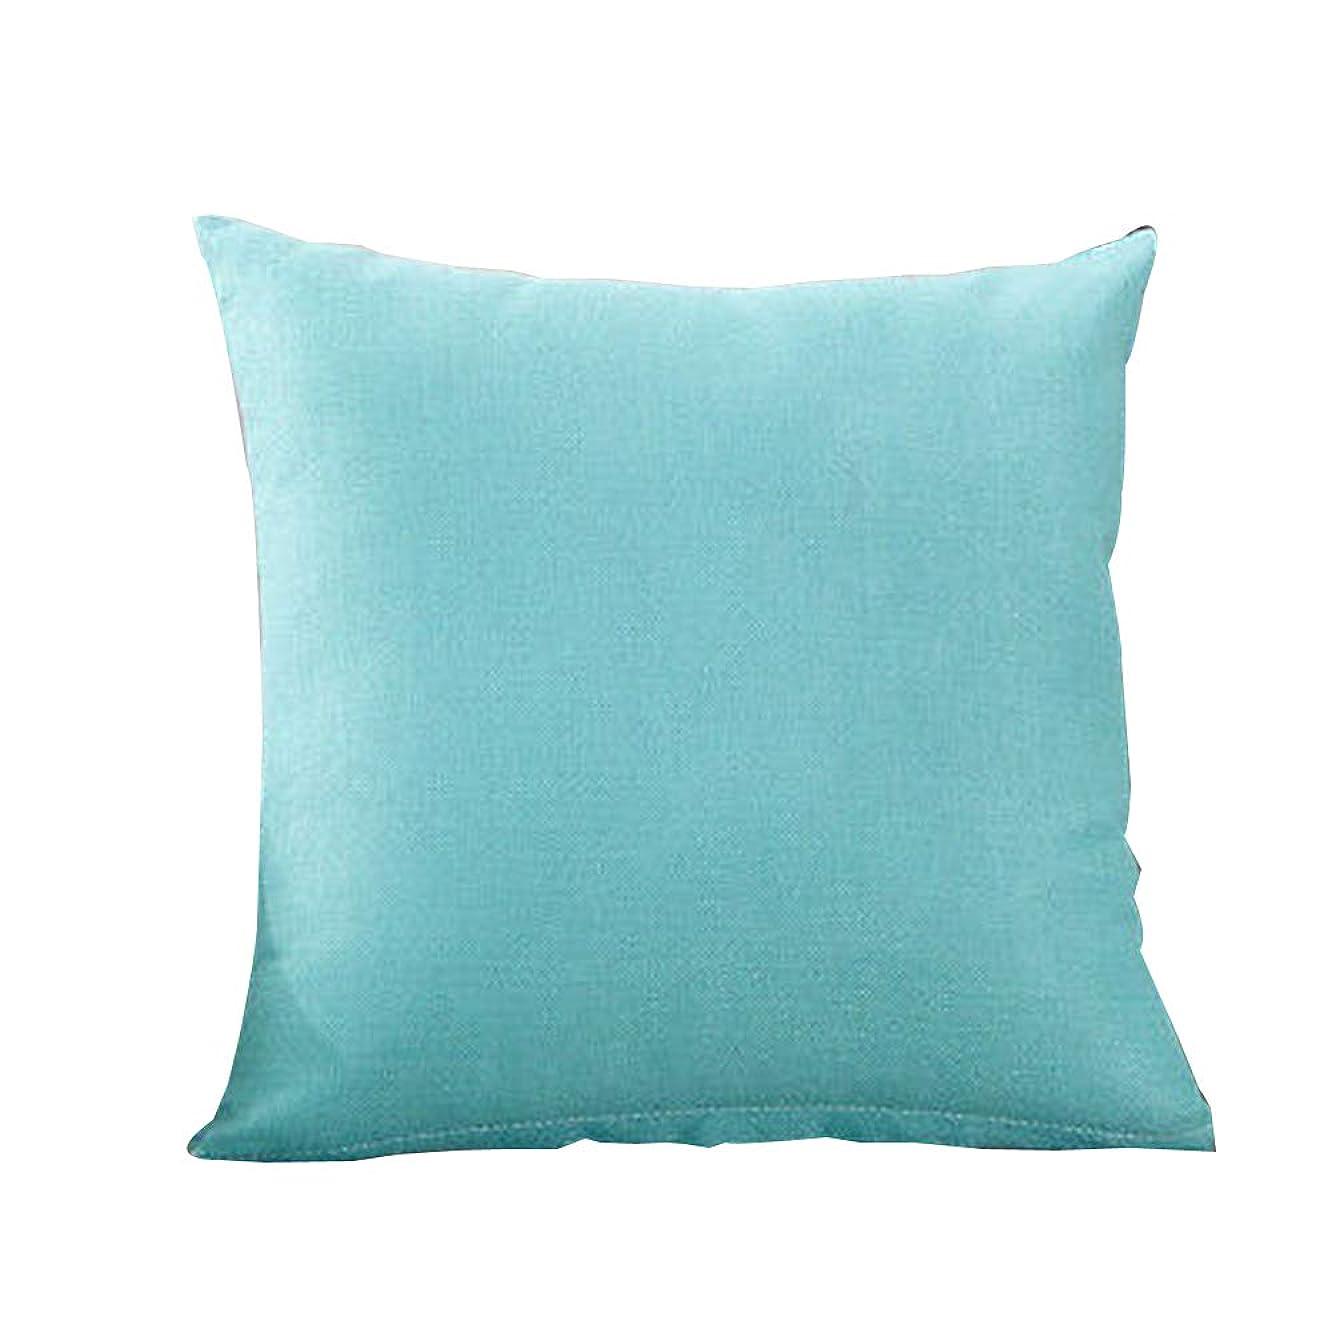 投資マーキー病んでいるクッションカバー 抱き枕カバー 無地 シンプル 北欧デザイン おしゃれ 綿麻 正方形 オールシーズン 45×45cm 7色